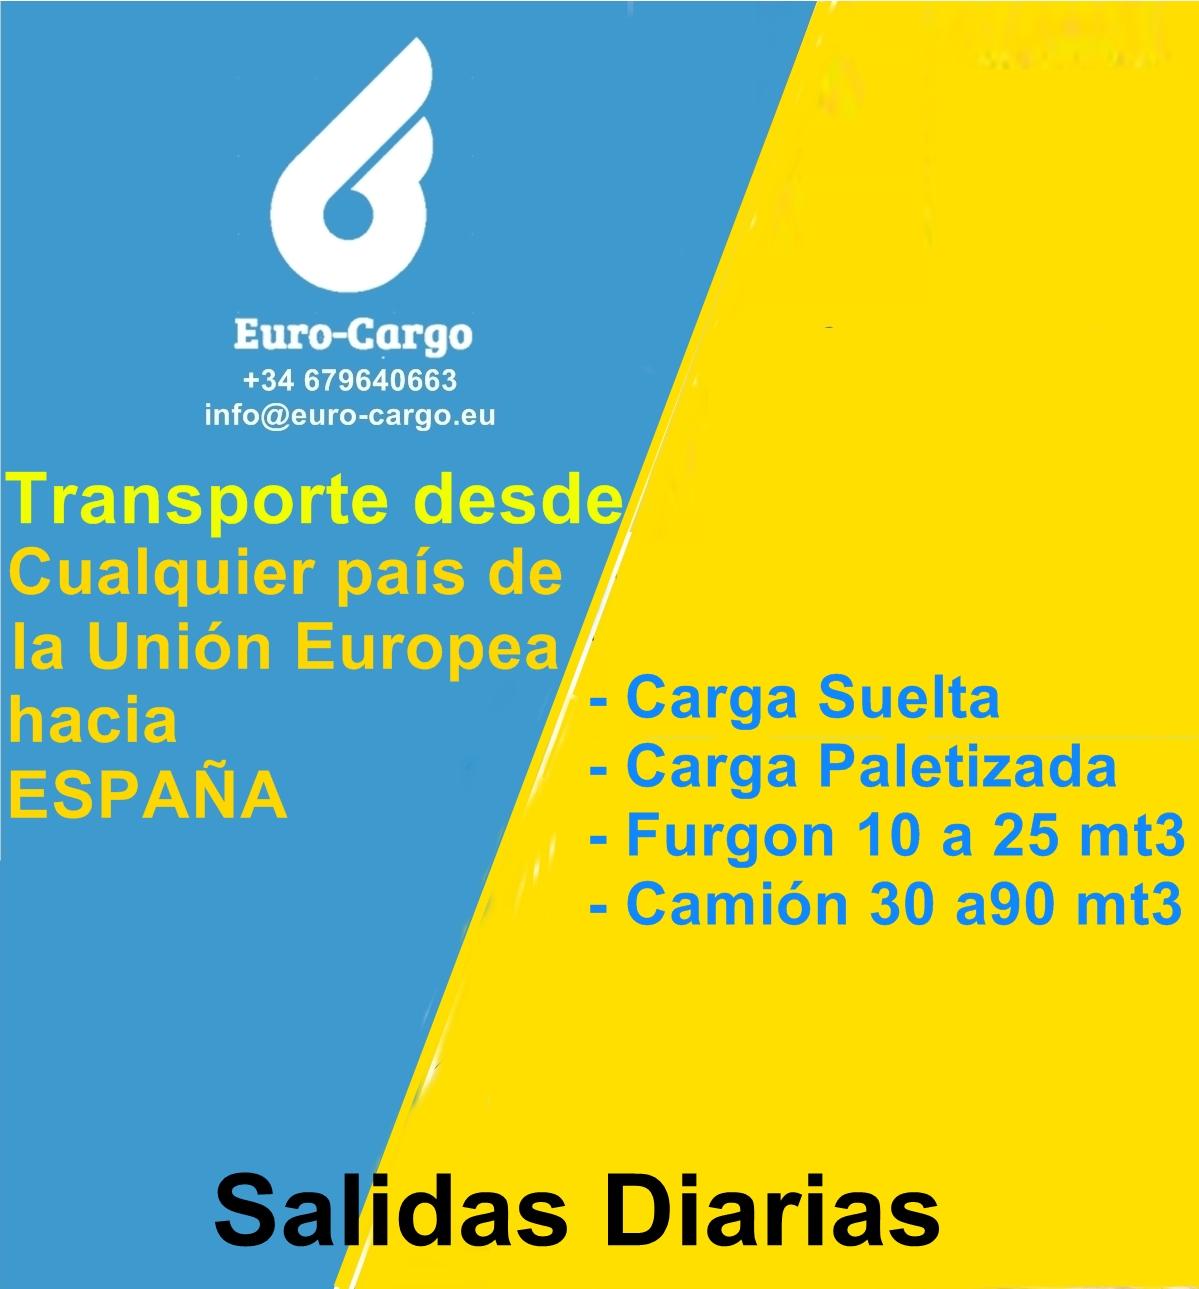 Importaciones-desde-Union-Europea.jpg